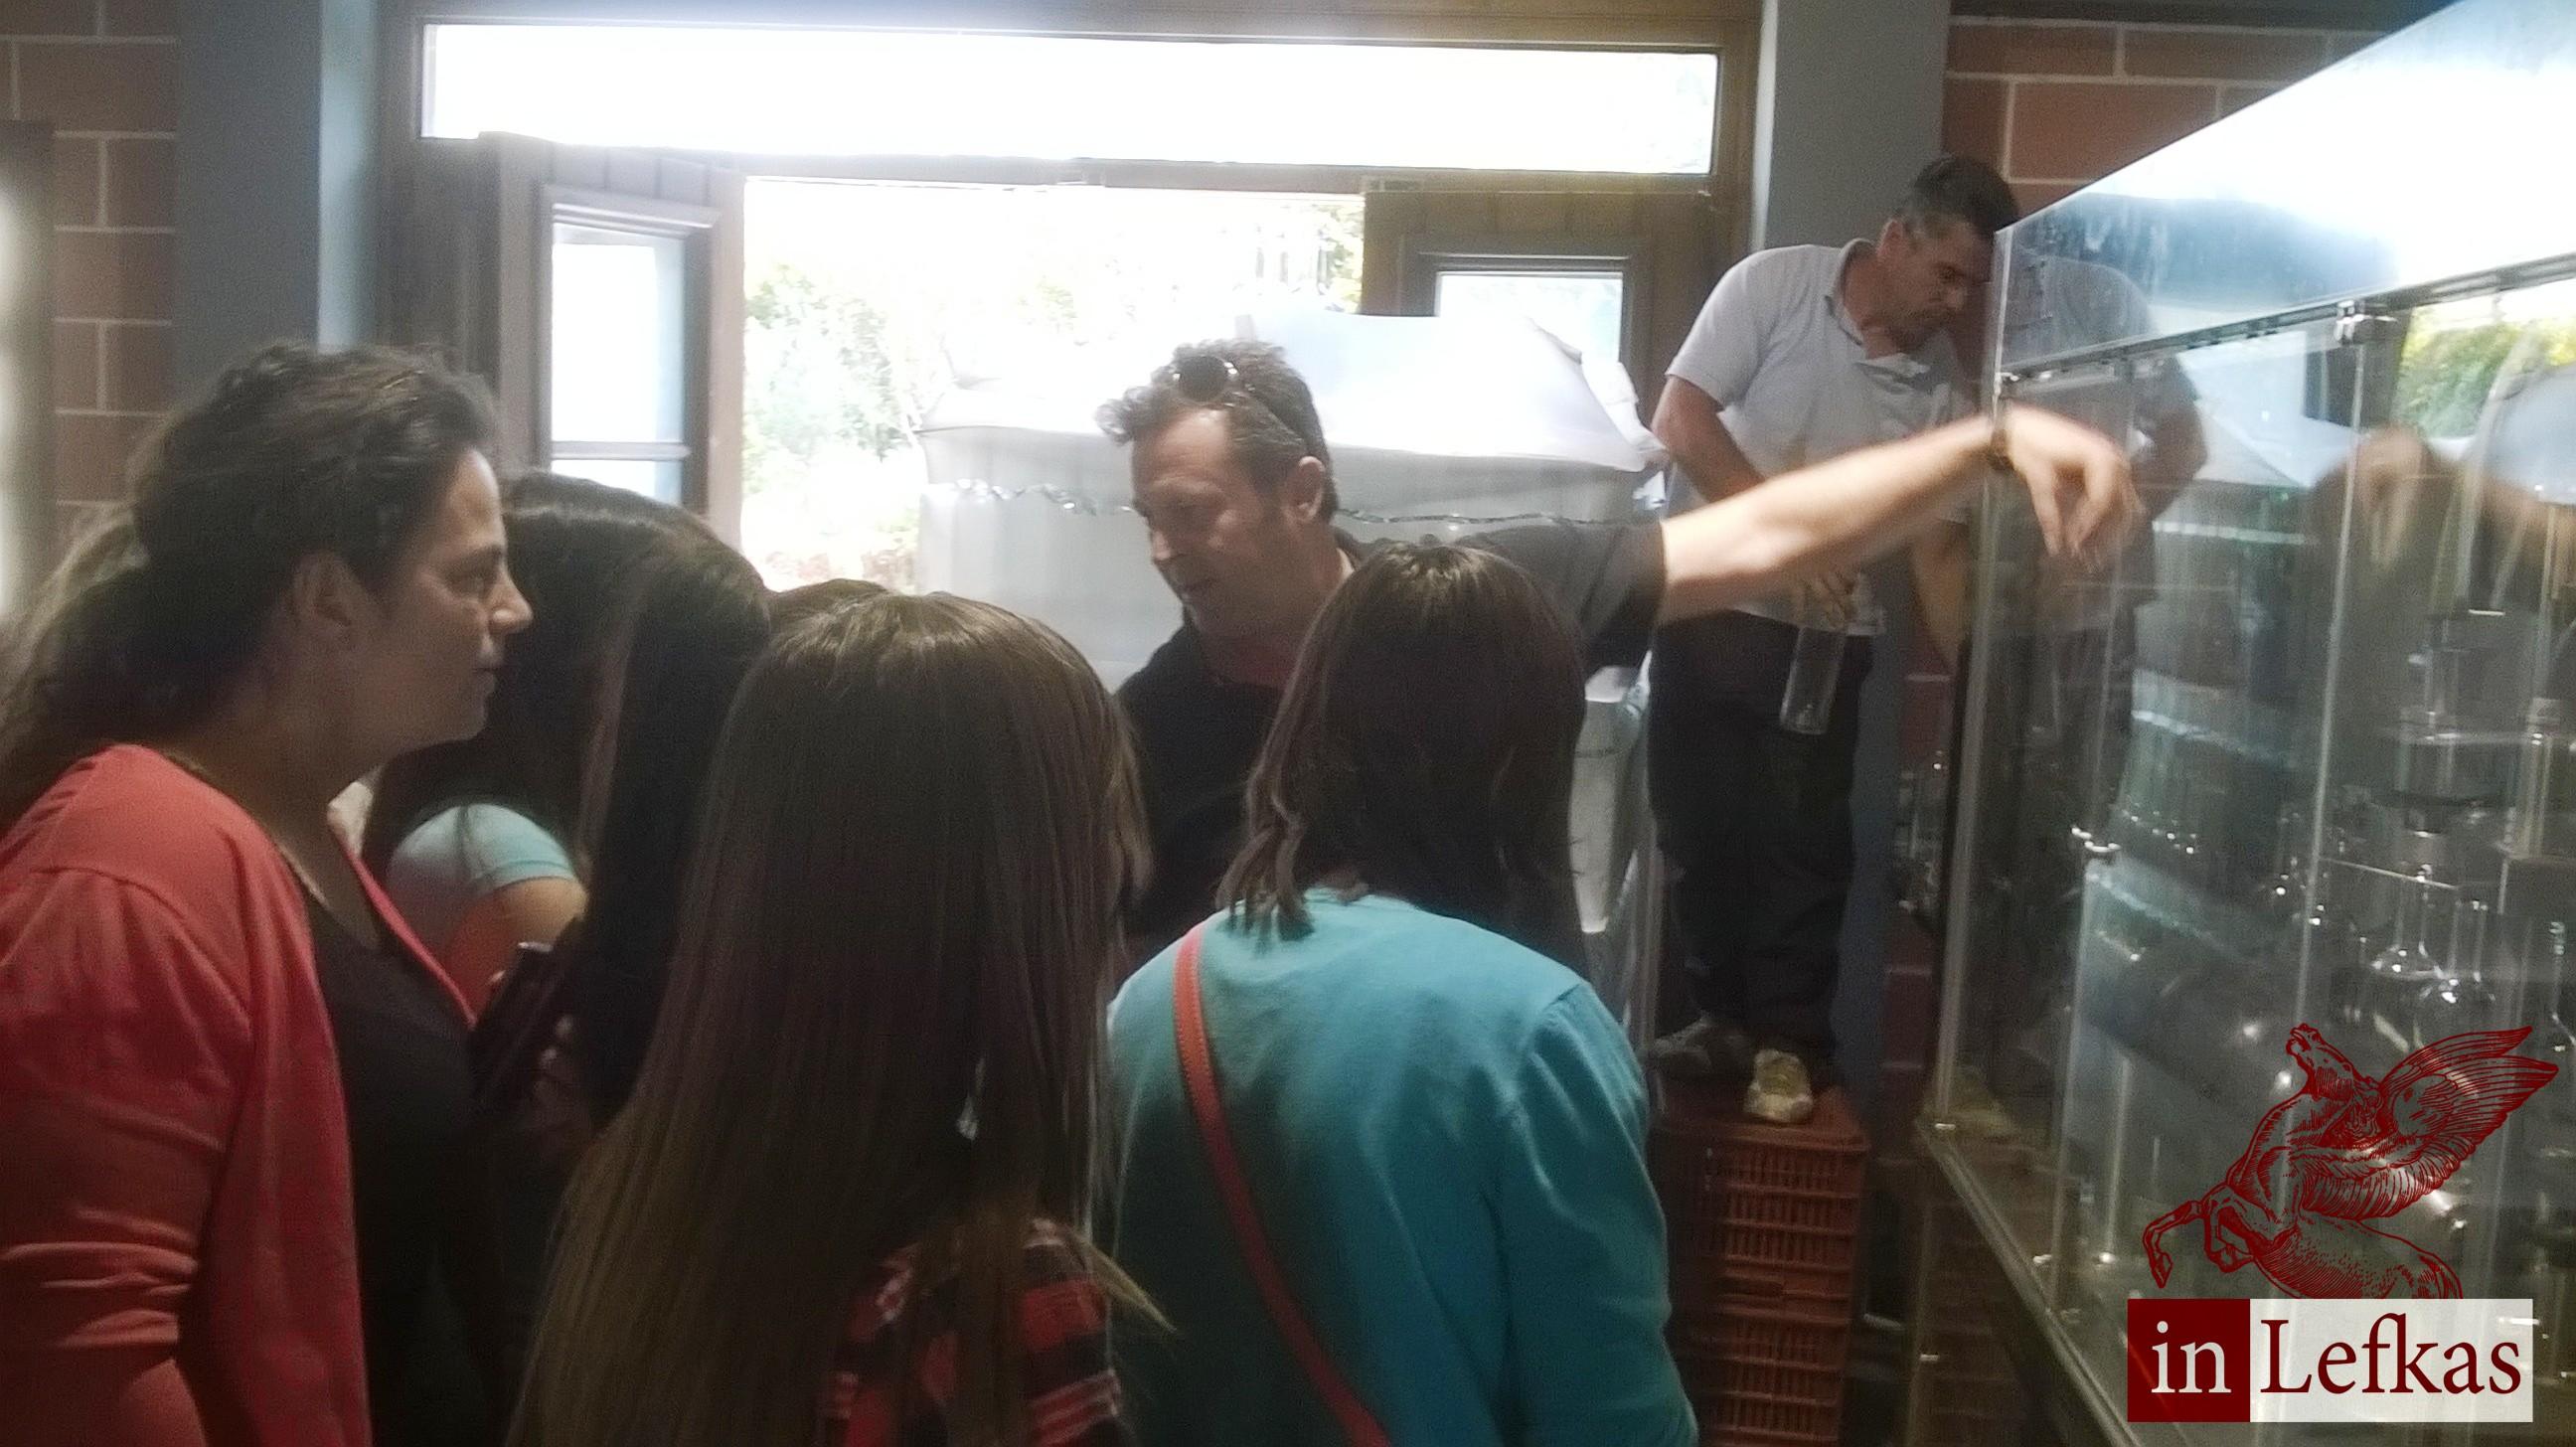 """Το οινοποιείο """"Λευκαδίτικη Γη"""" επισκέφθηκαν οι σπουδαστές του ΔΙΕΚ Λευκάδας"""